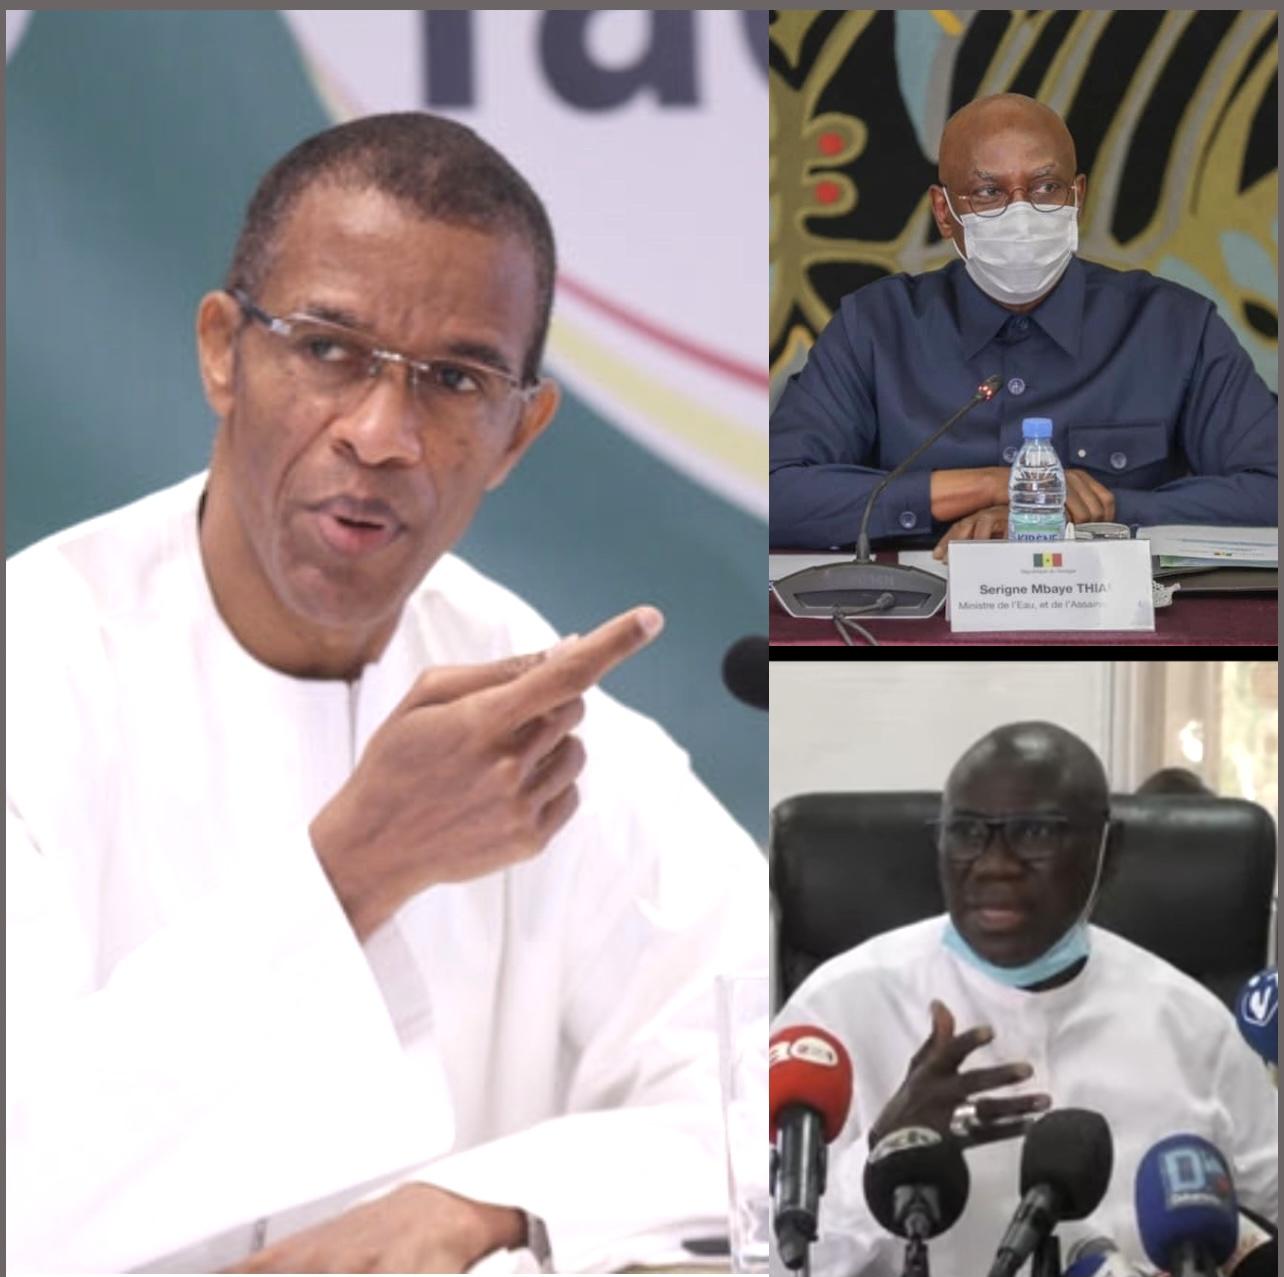 Tensions récurrentes au sein du PS : Alioune Ndoye, Serigne Mbaye Thiam, Jean Baptiste Diouf, la guerre des trois !